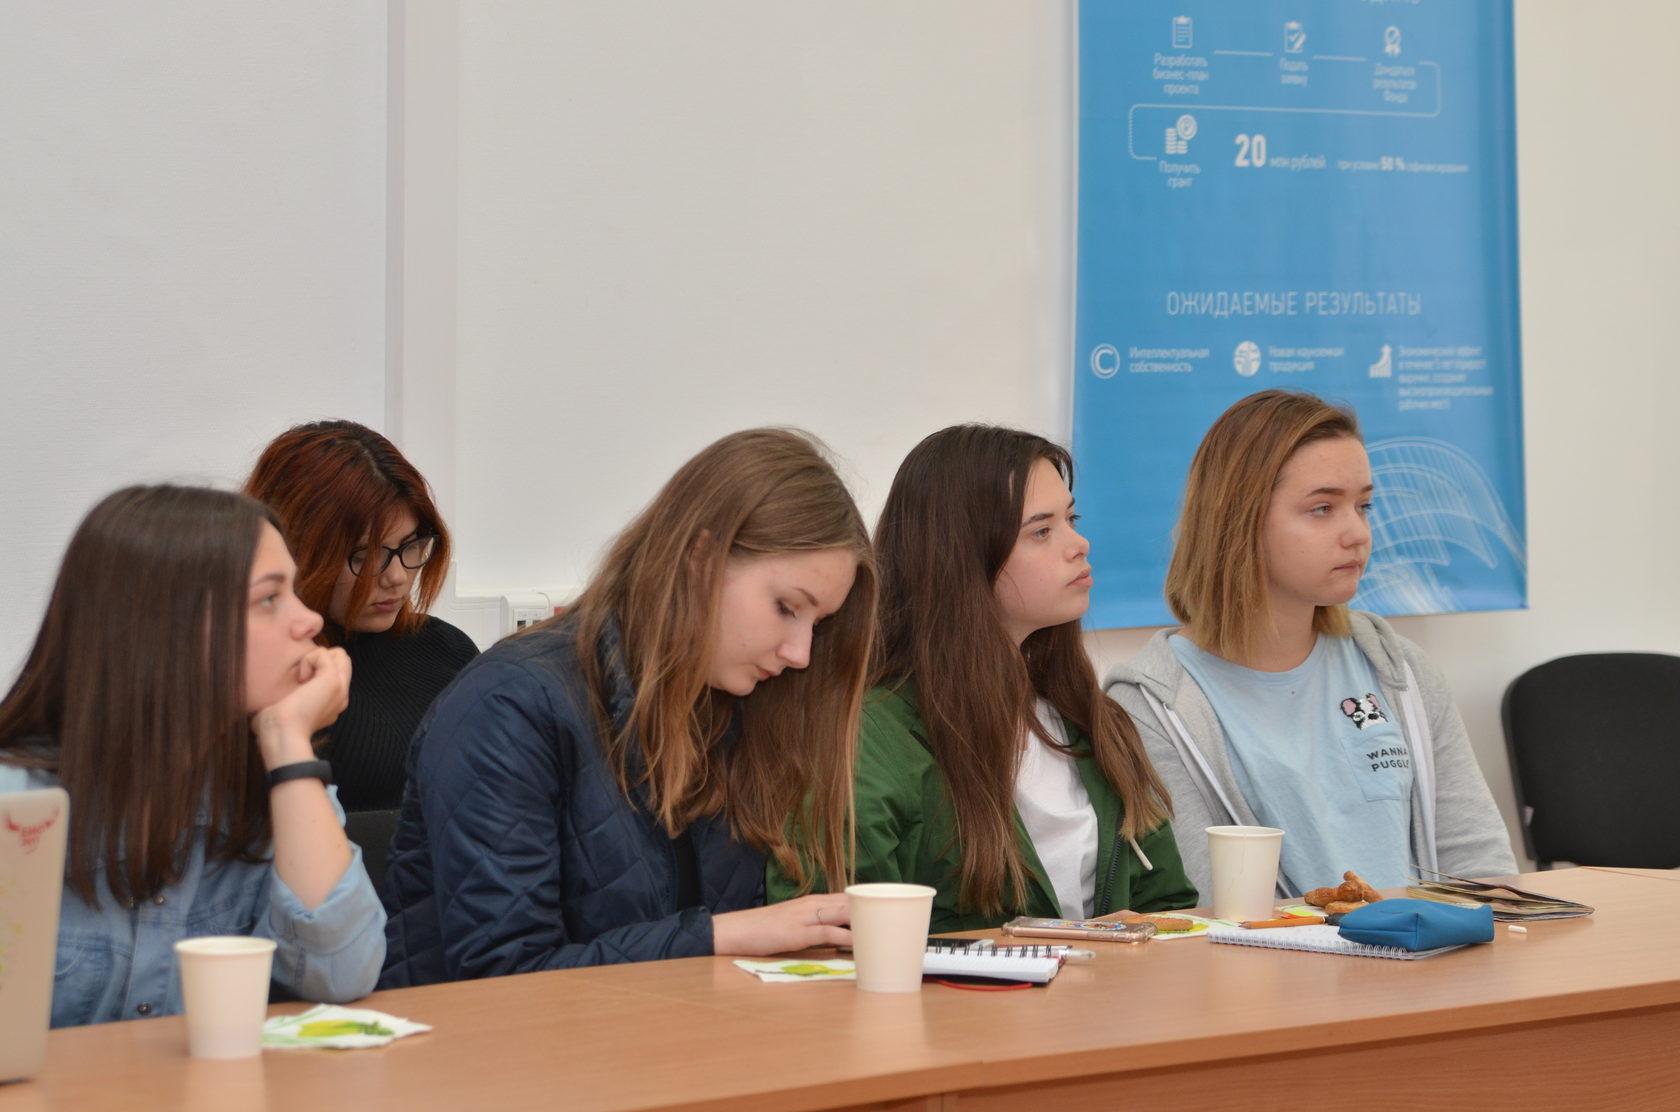 Лекция Дмитрия Рогова для учеников школы «IT-decision lab» об основах разработки